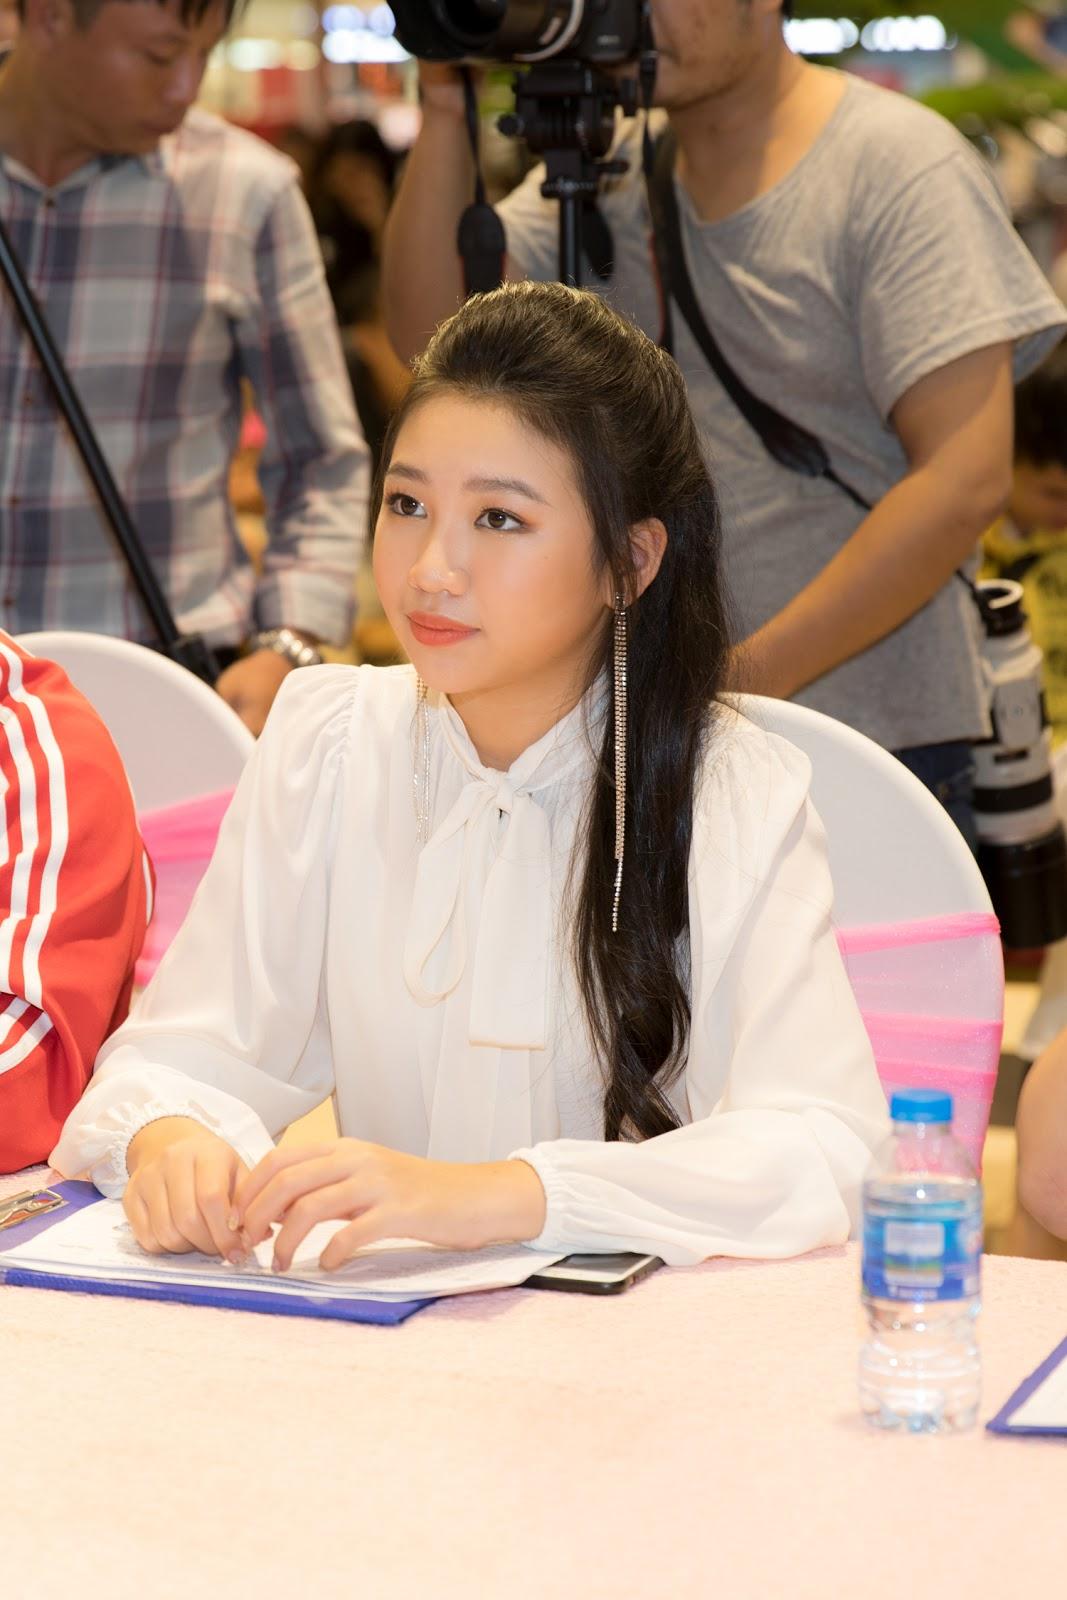 Hoa hậu nhí Ngọc Lan Vy xinh xắn cùng Trịnh Tú Trung hội ngộ thiếu nhi Hà Nội - Hình 1